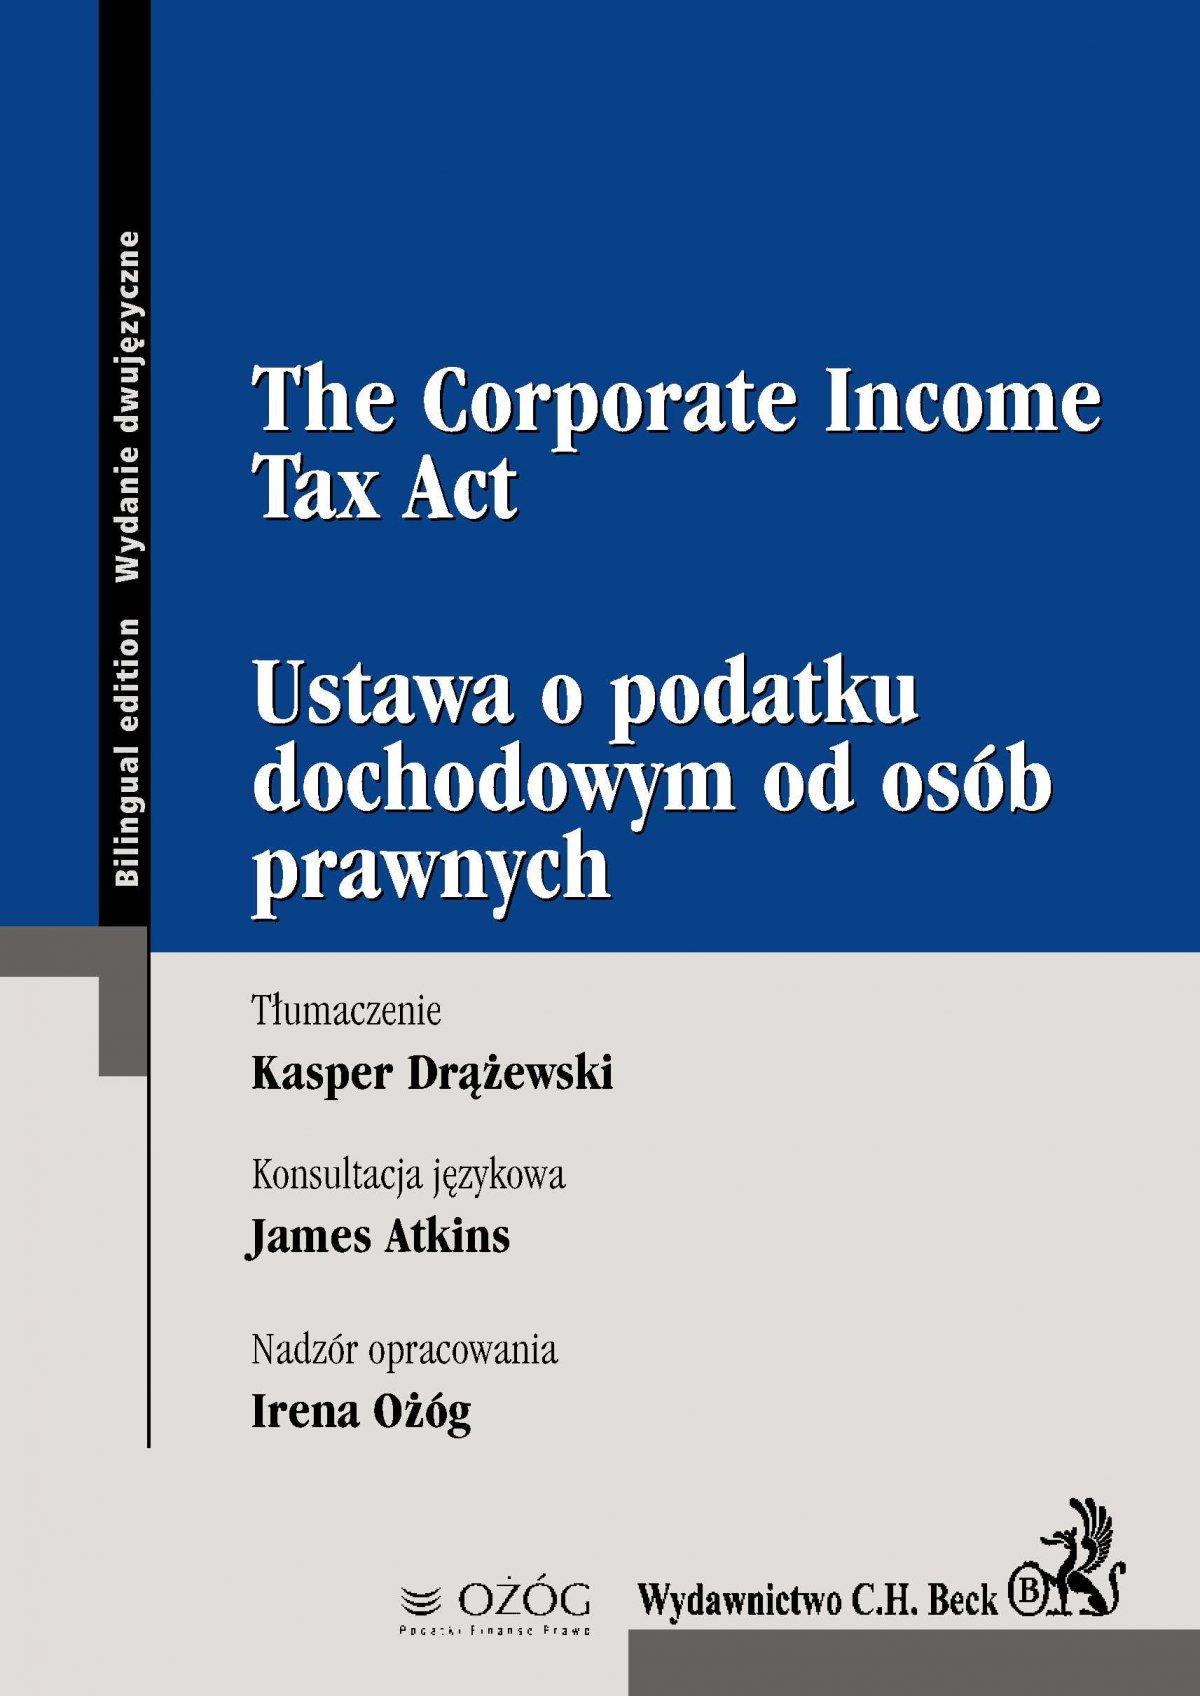 Ustawa o podatku dochodowym od osób prawnych. The Corporate Income Tax Act - Ebook (Książka PDF) do pobrania w formacie PDF